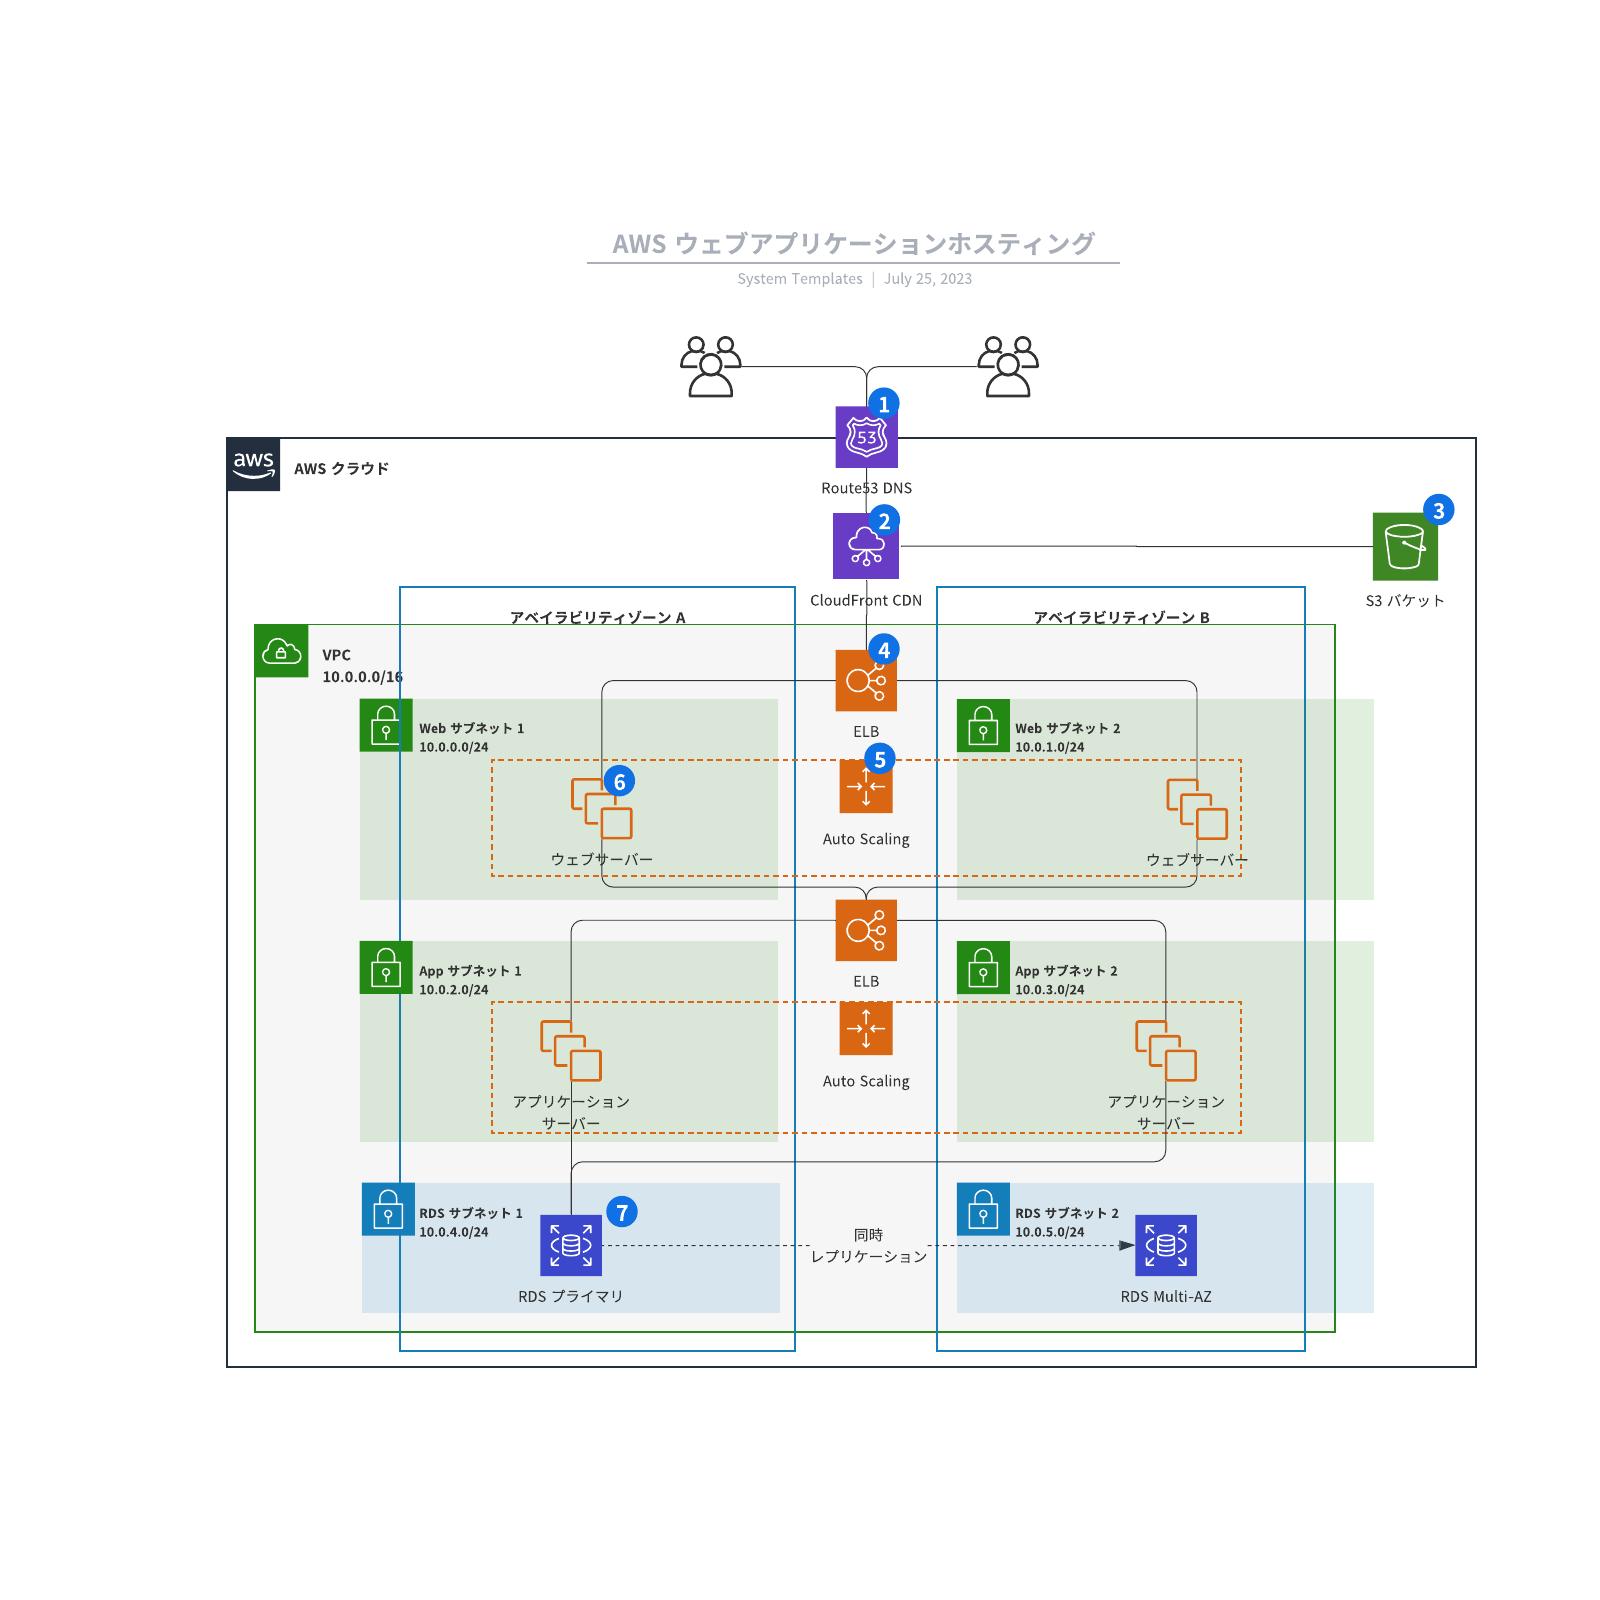 AWS ウェブアプリケーションホスティングリファレンスアーキテクチャ